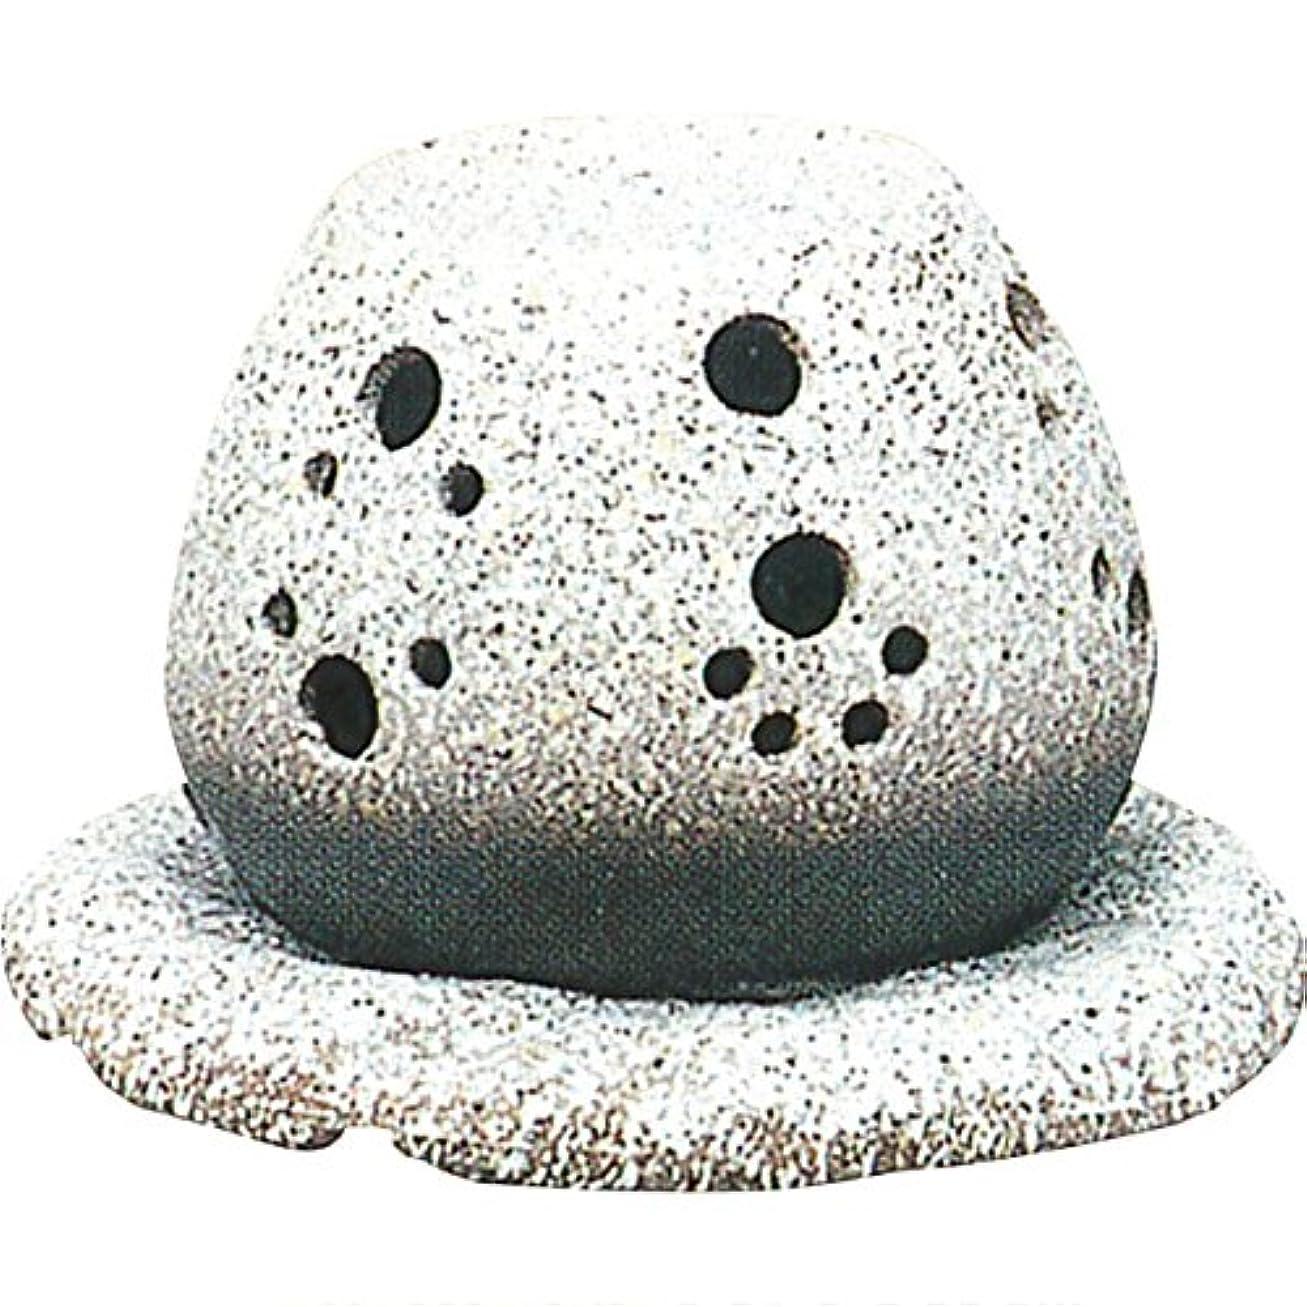 調査のため教義茶香炉 : 常滑焼 山房窯 ロウソクタイプ茶香炉 (白皿付?ロウソク1ヶ付)?ル35-05